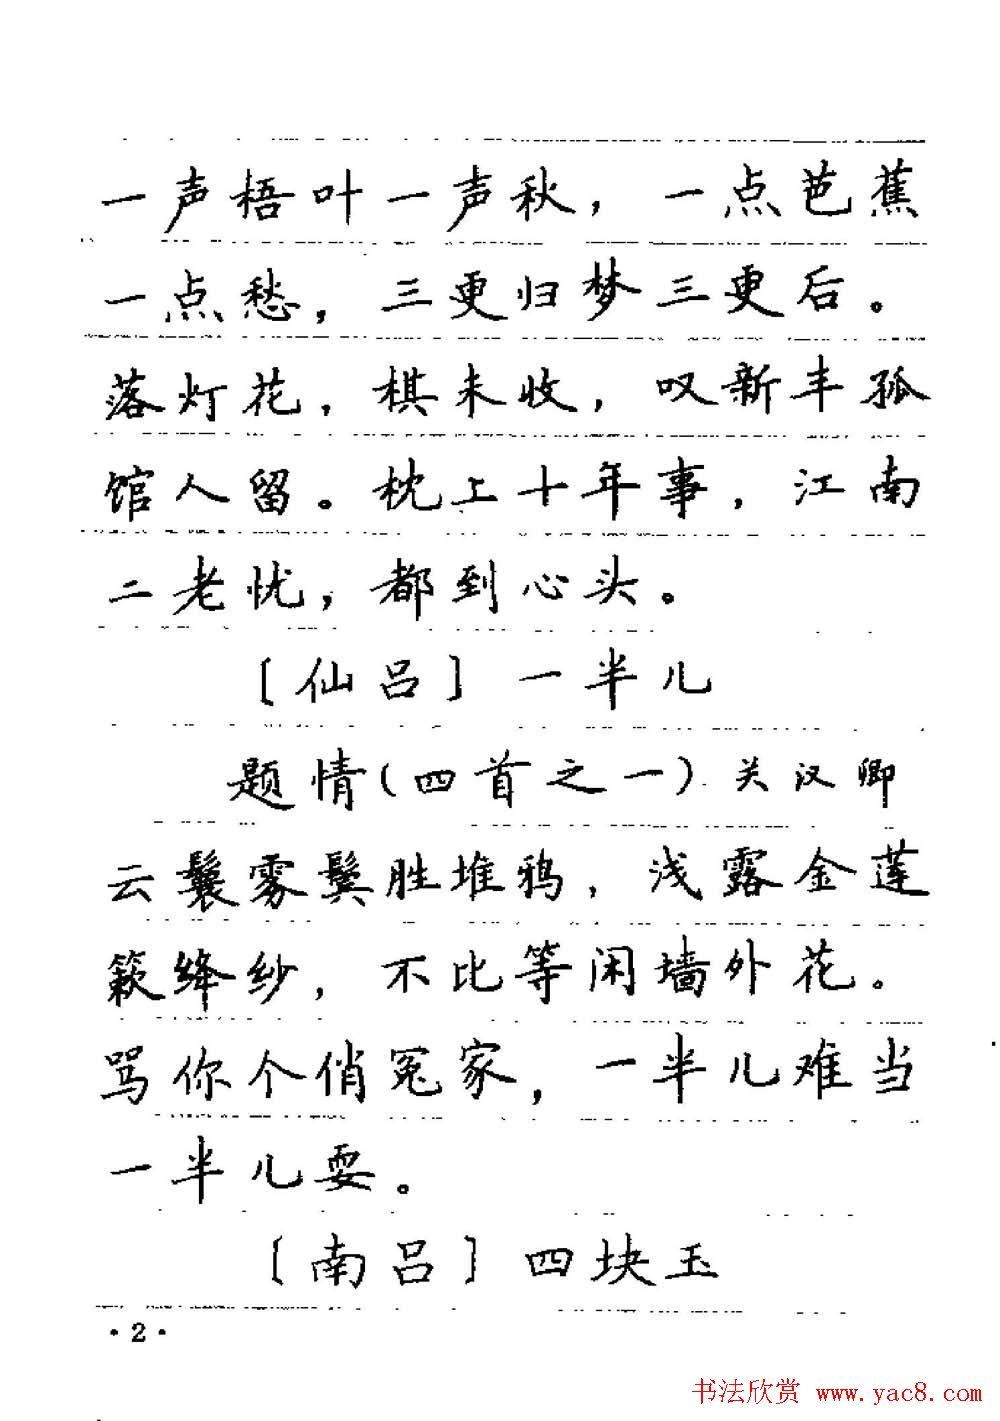 卢中南字帖欣赏 元曲名篇钢笔字帖图片